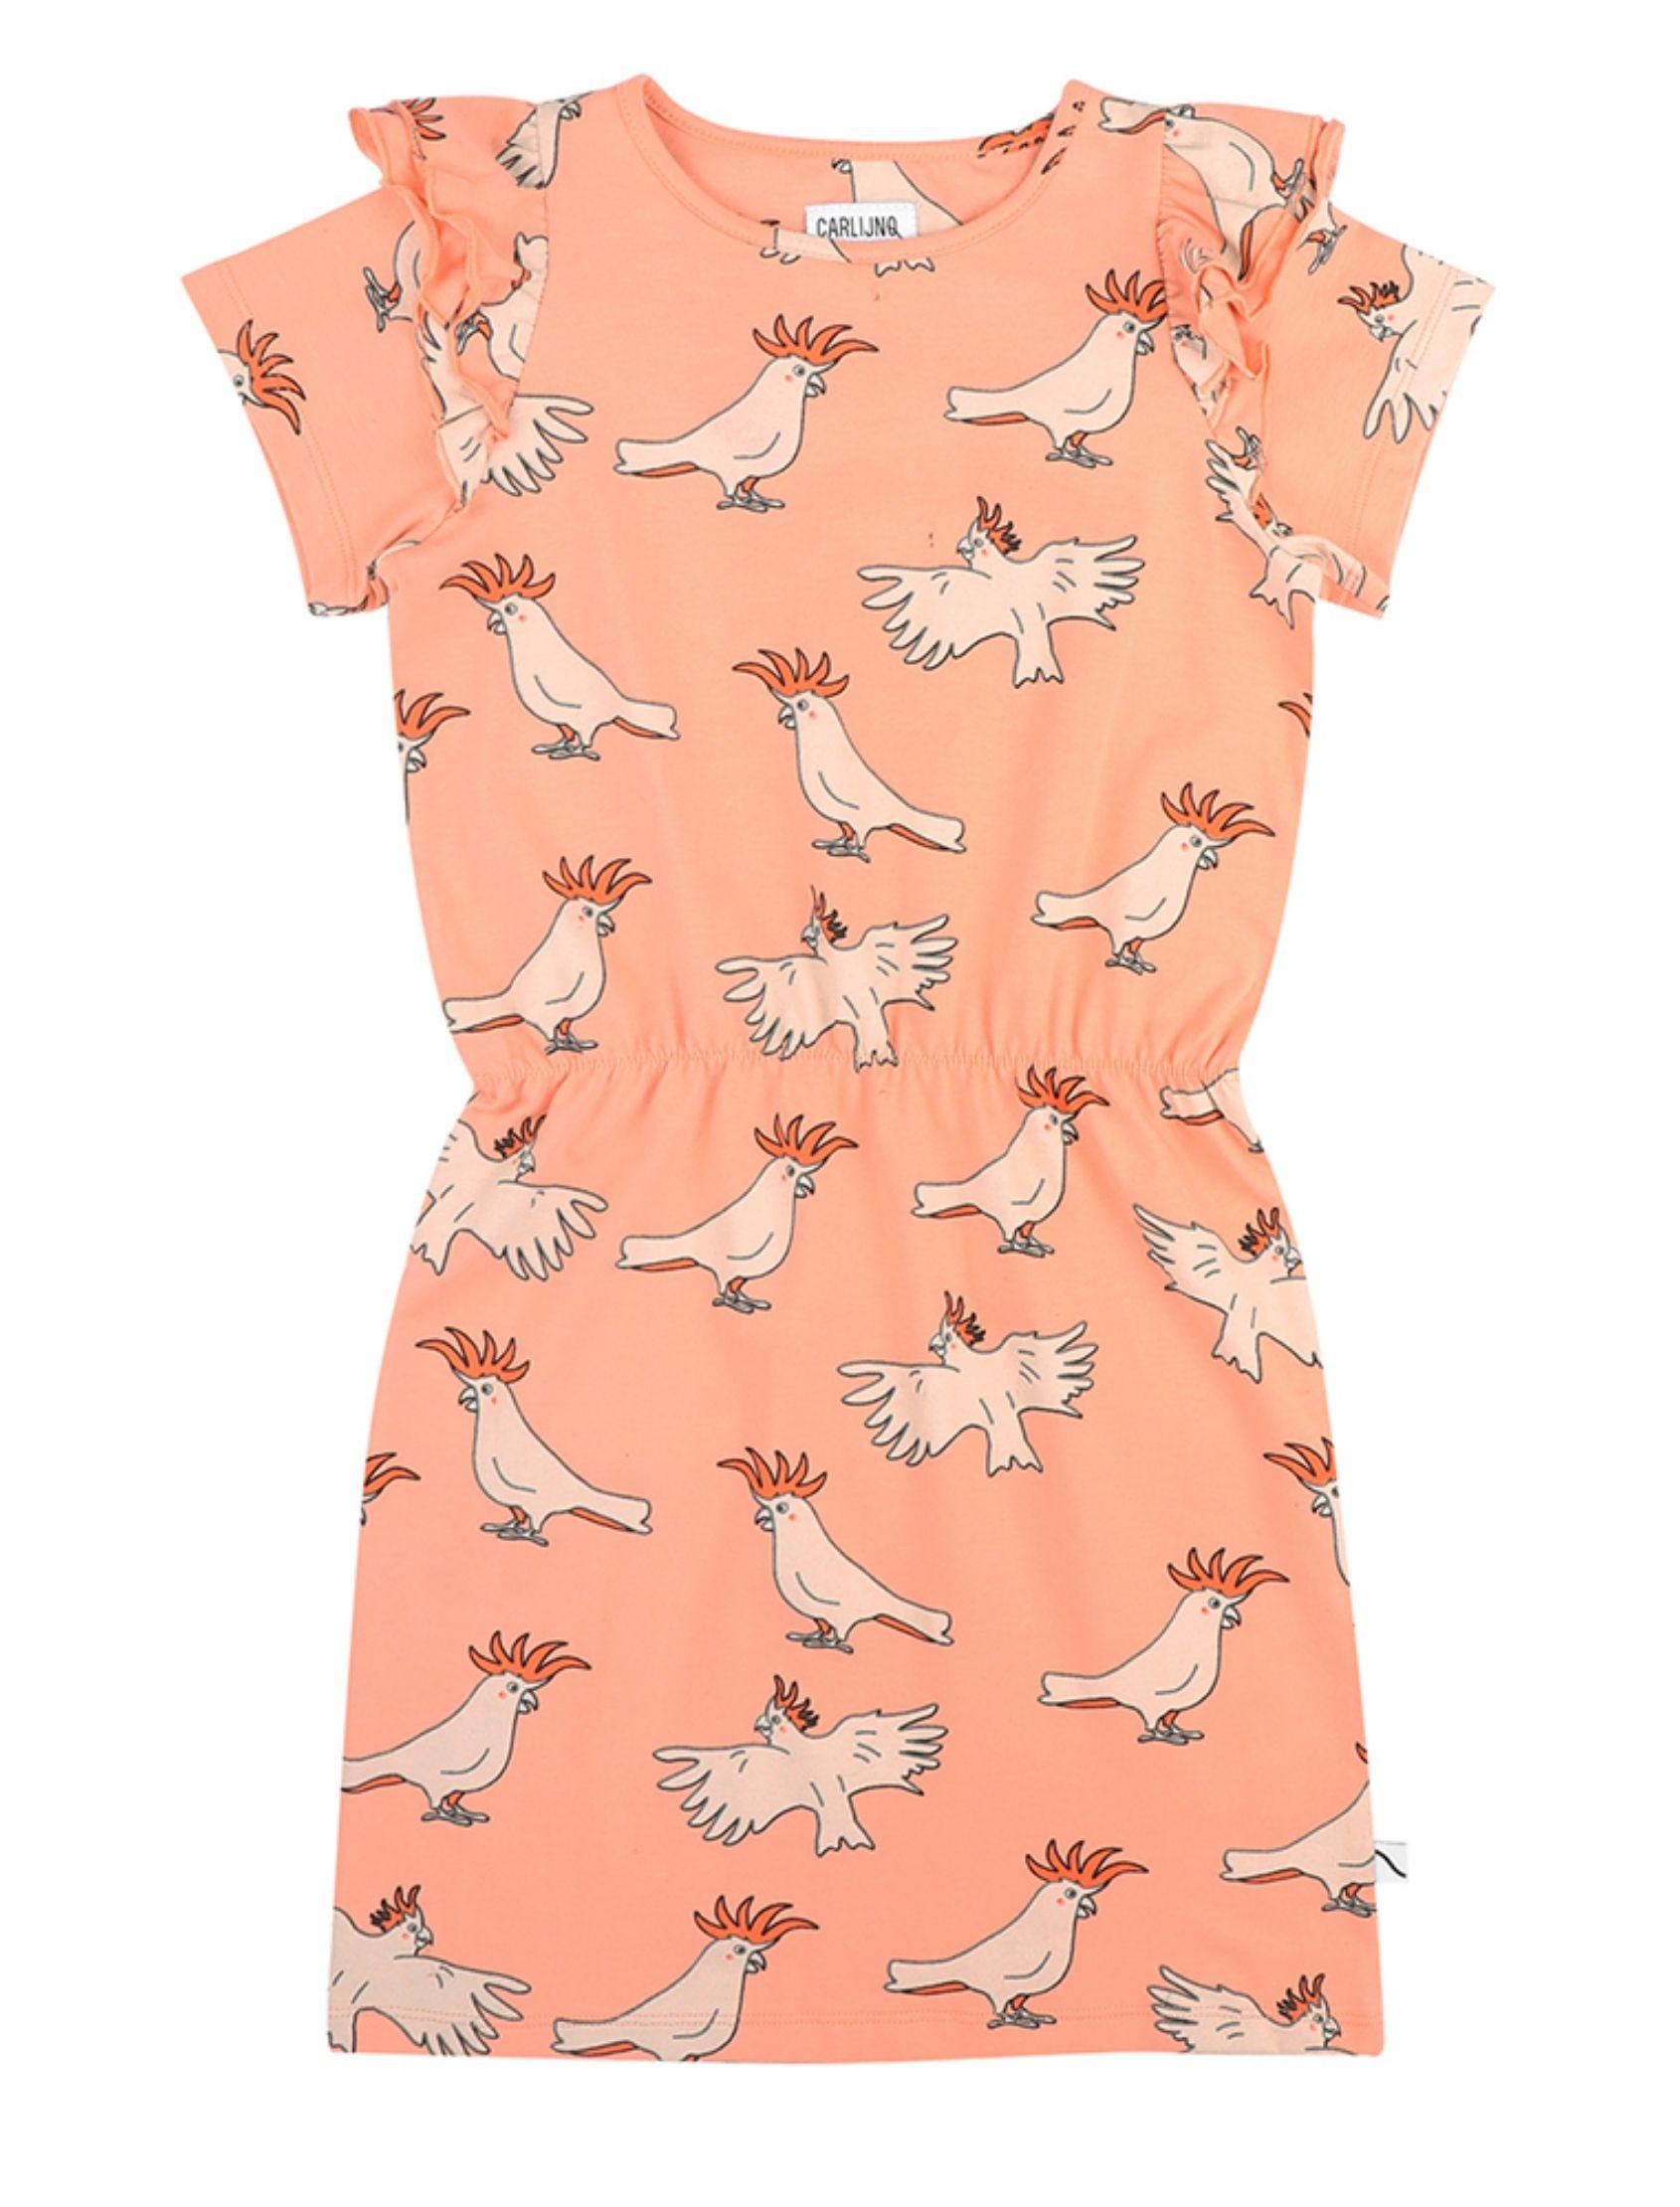 vestido con volantitos en los hombros y estampado de loros de carlijnq en tono rosado